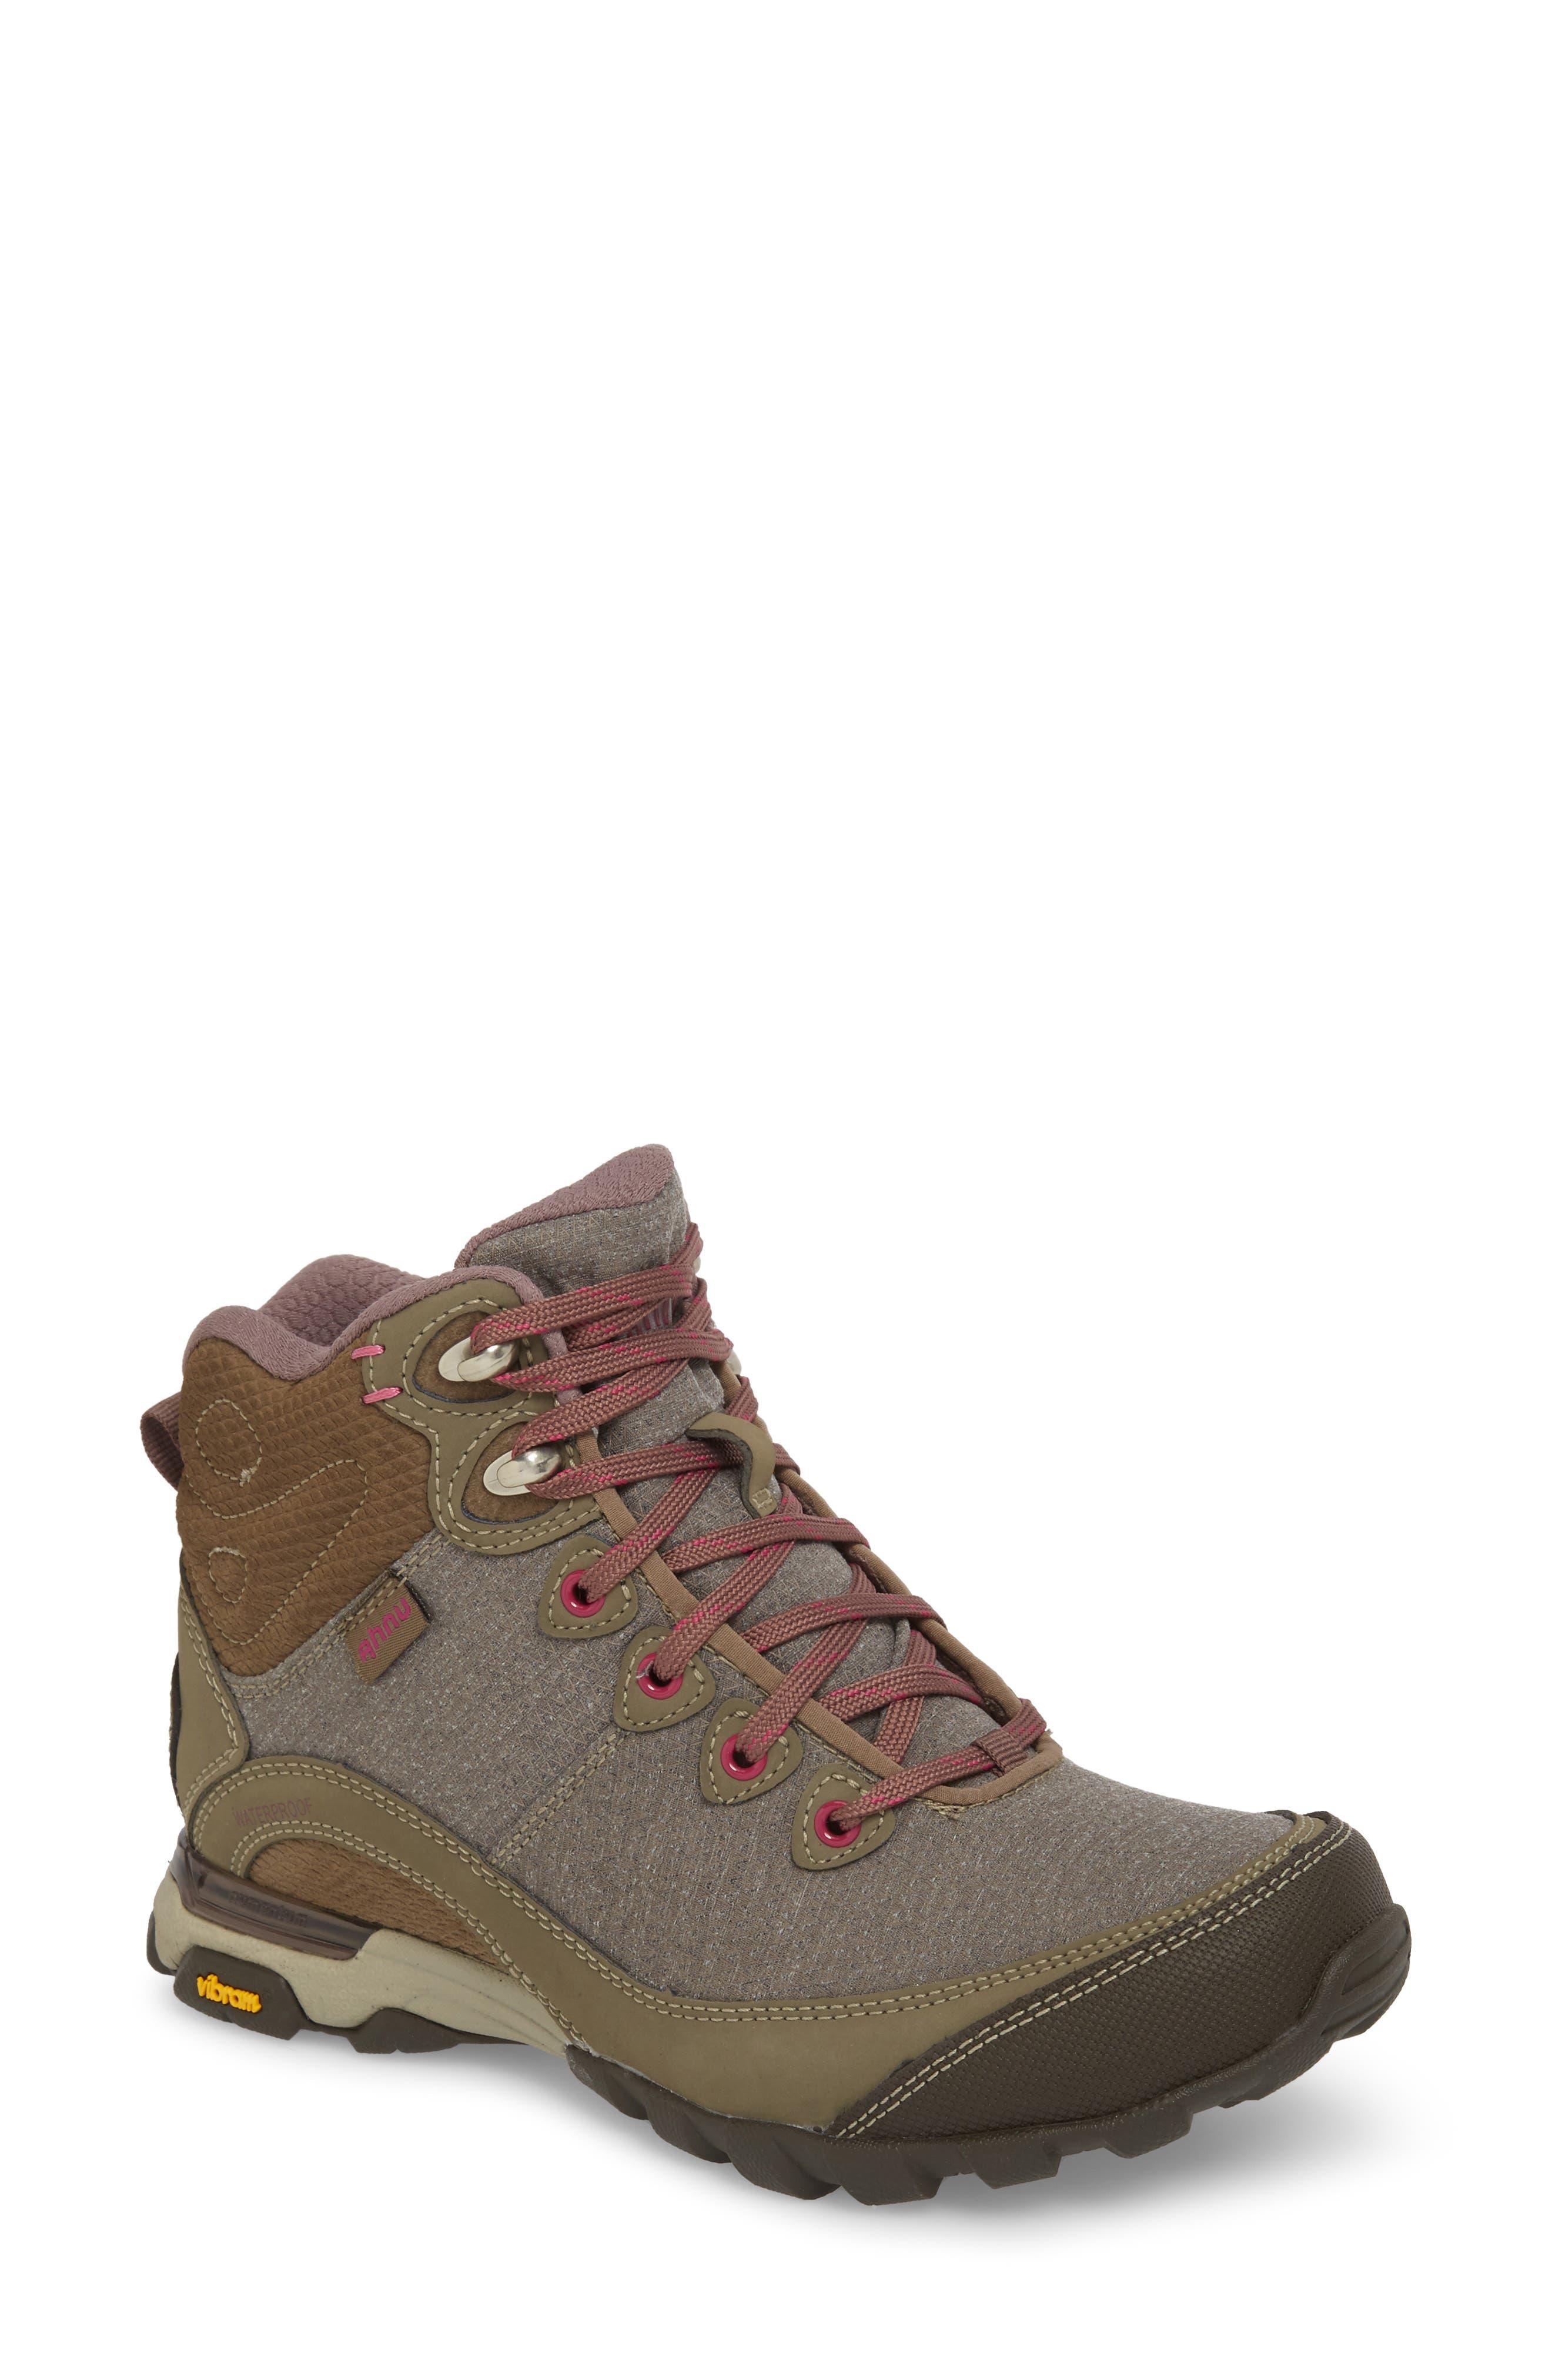 Ahnu By Teva Sugarpine Ii Waterproof Hiking Boot, Brown